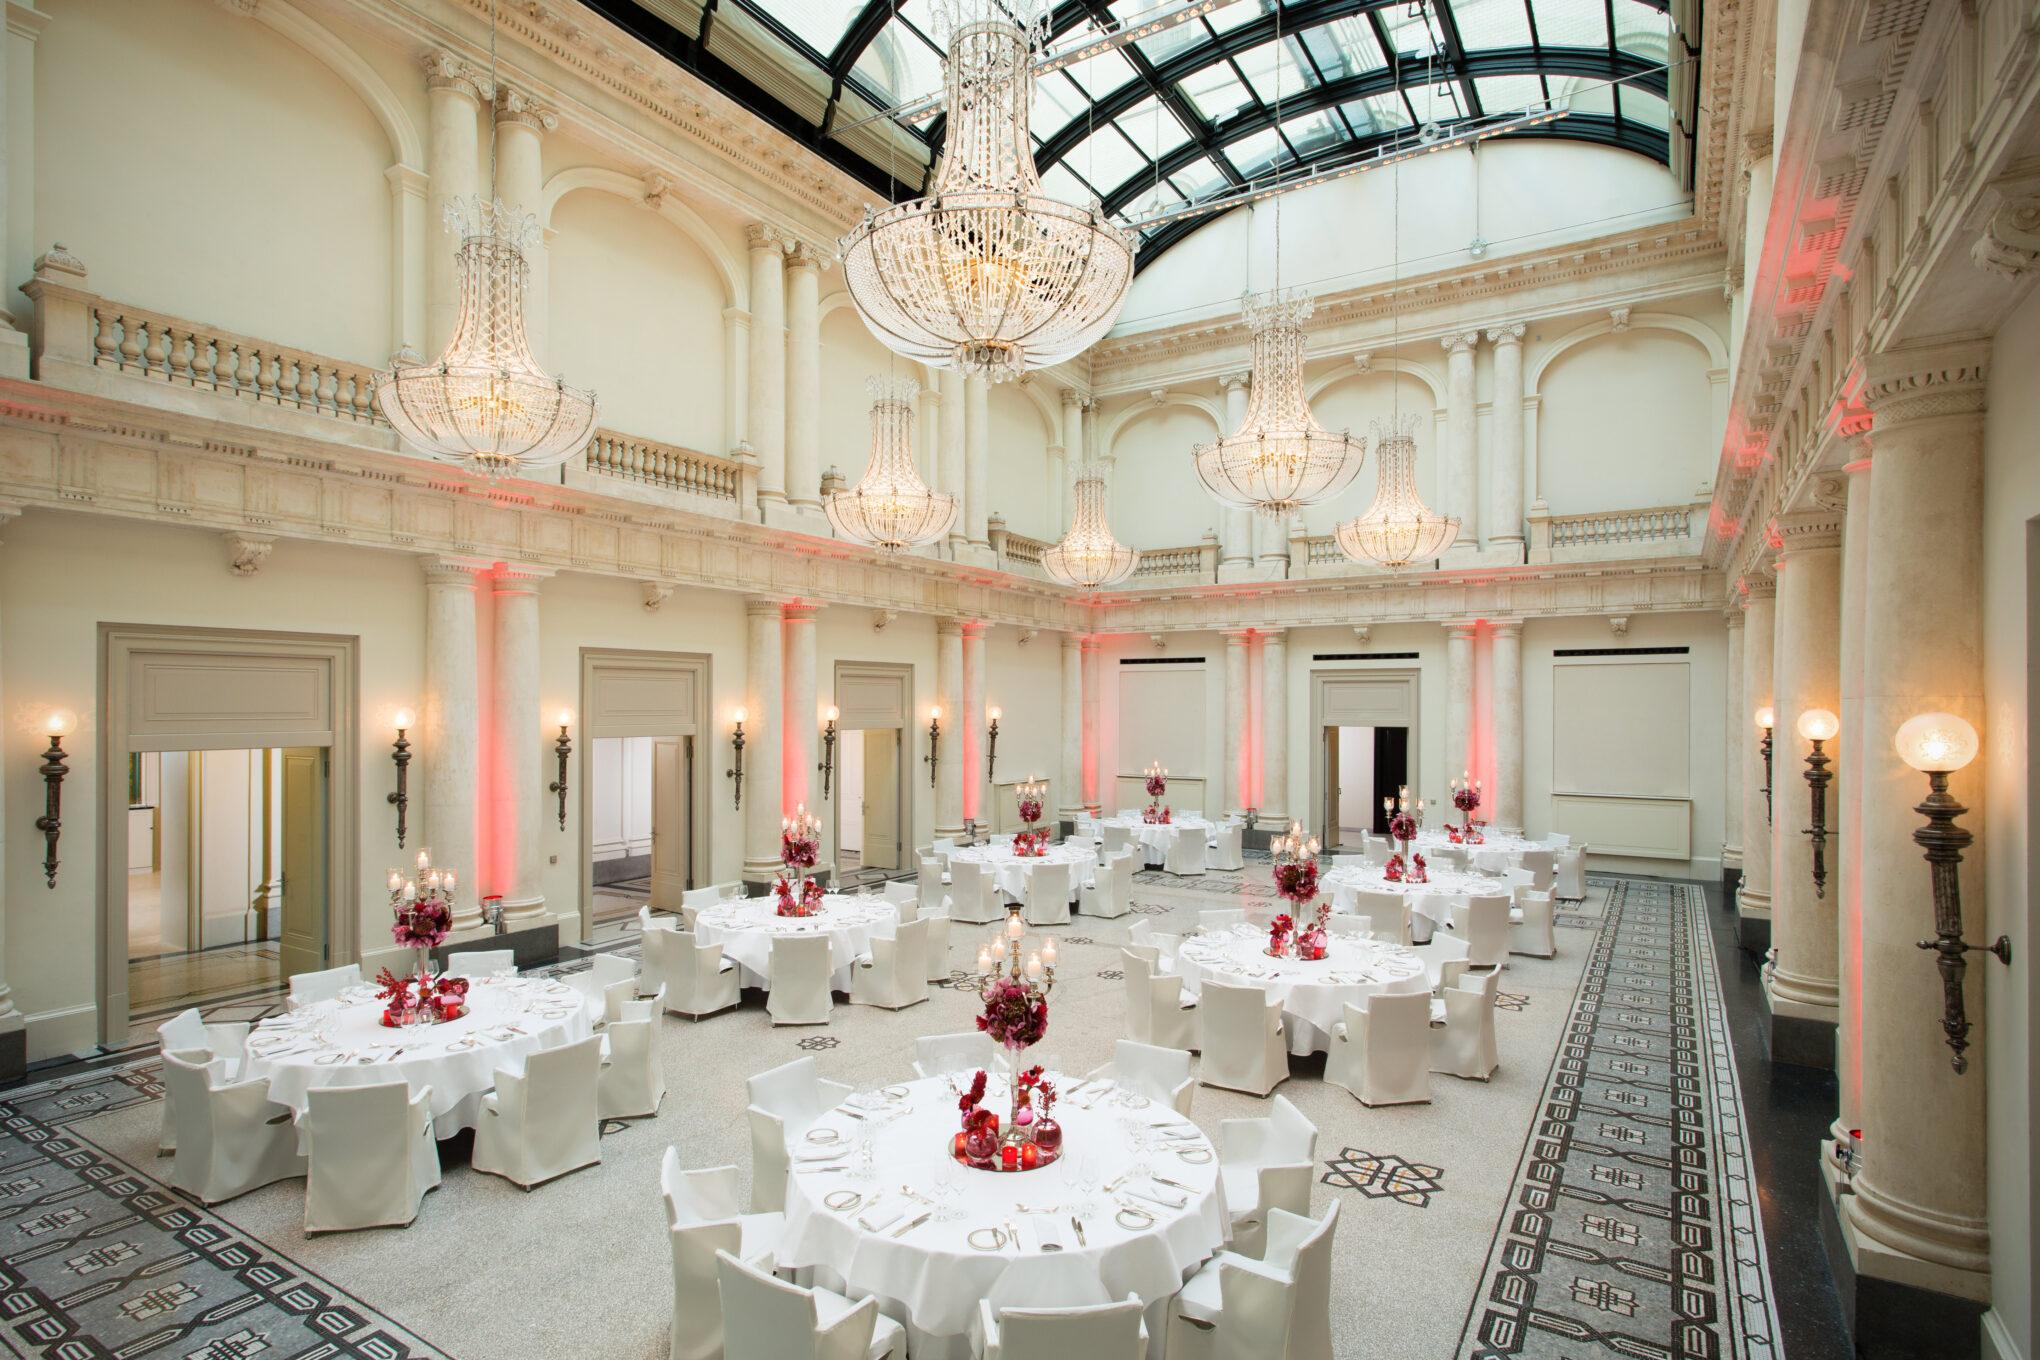 Hotel de Rome Historischer Ballsaal für Veranstaltungen und Hochzeiten